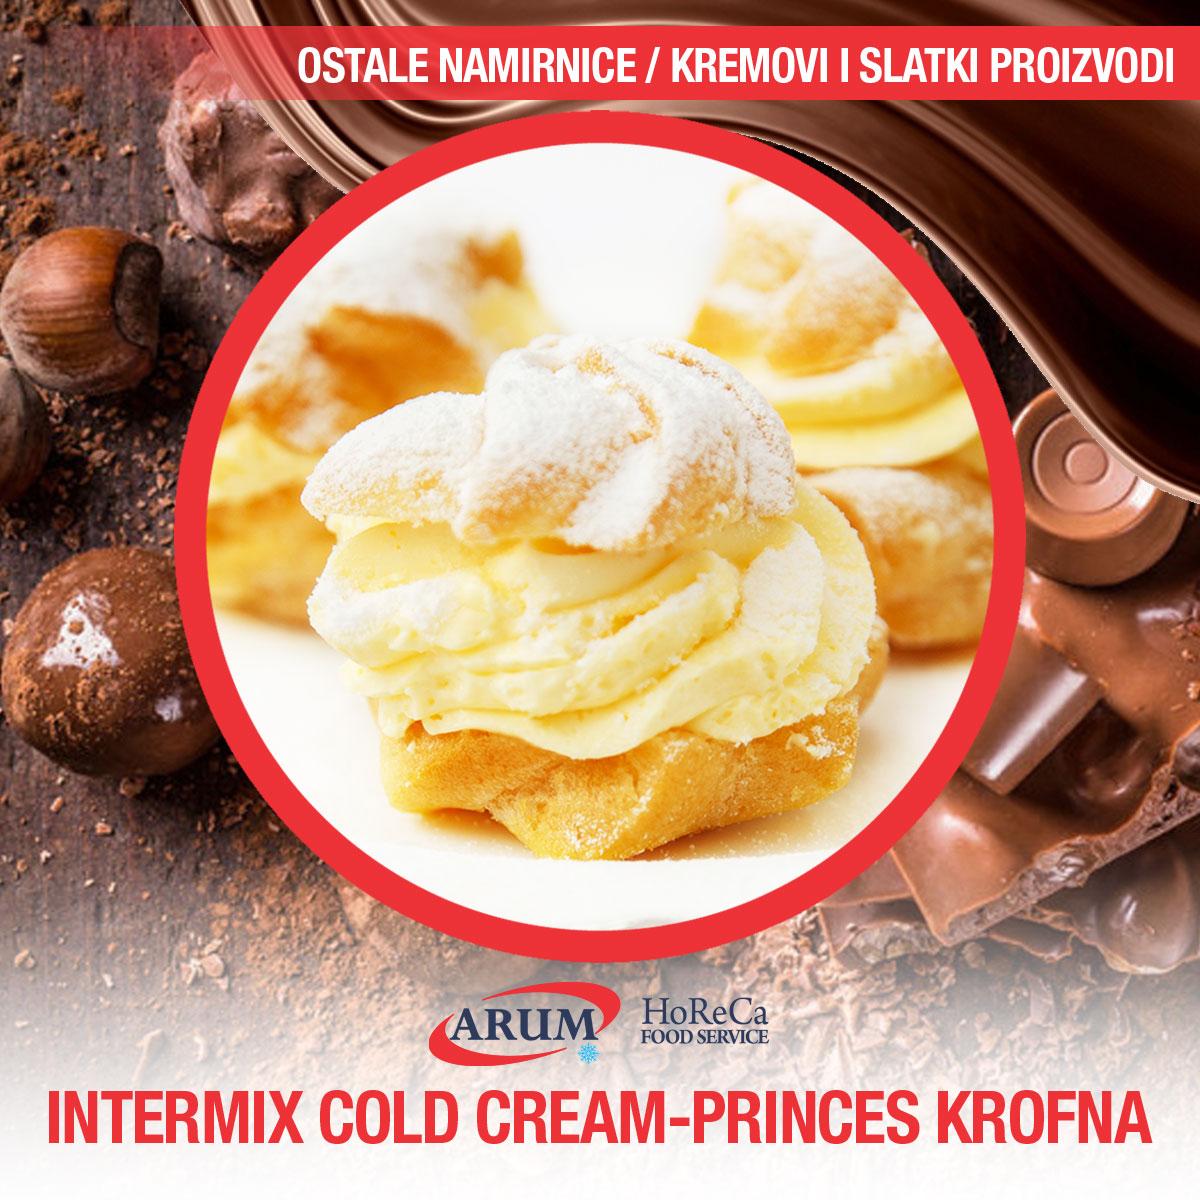 Intermix cold cream-princes krofna 10/1